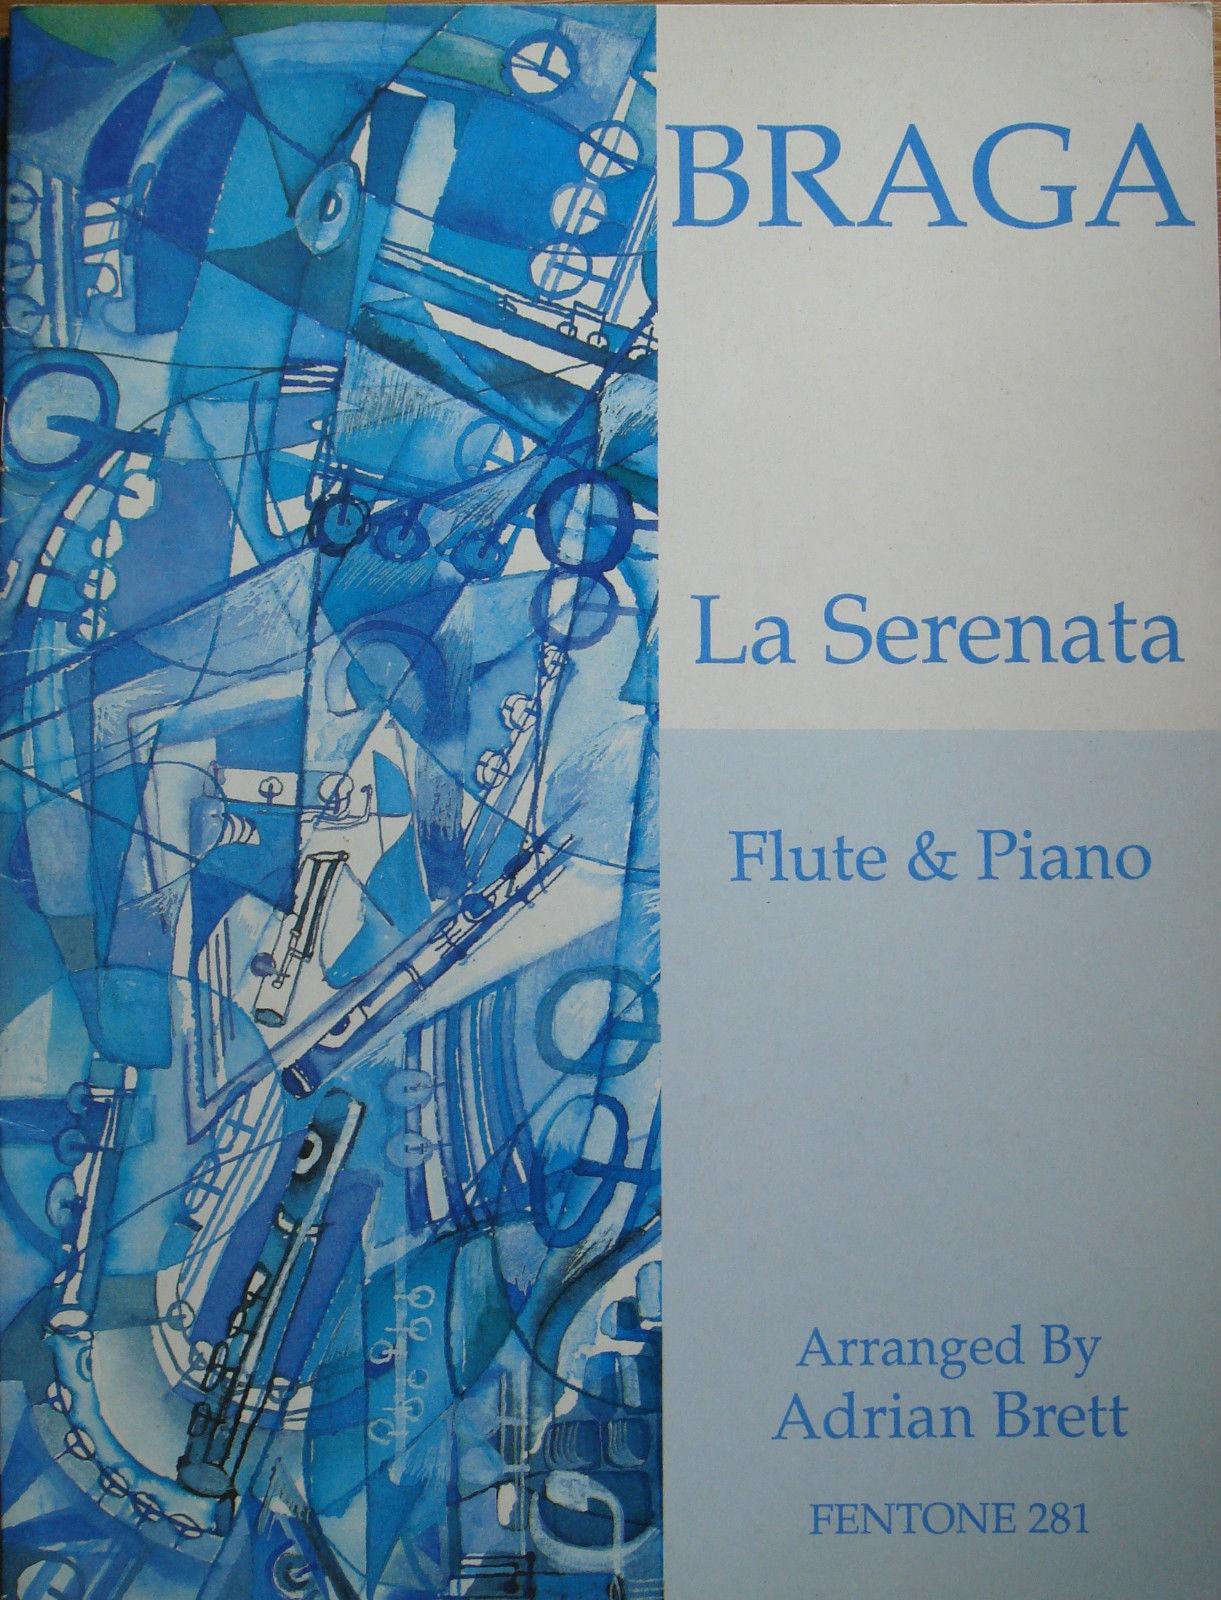 Gaetano Braga La Serenata Flute & Piano Book Arr Adrian Brett Fentone 281 B44